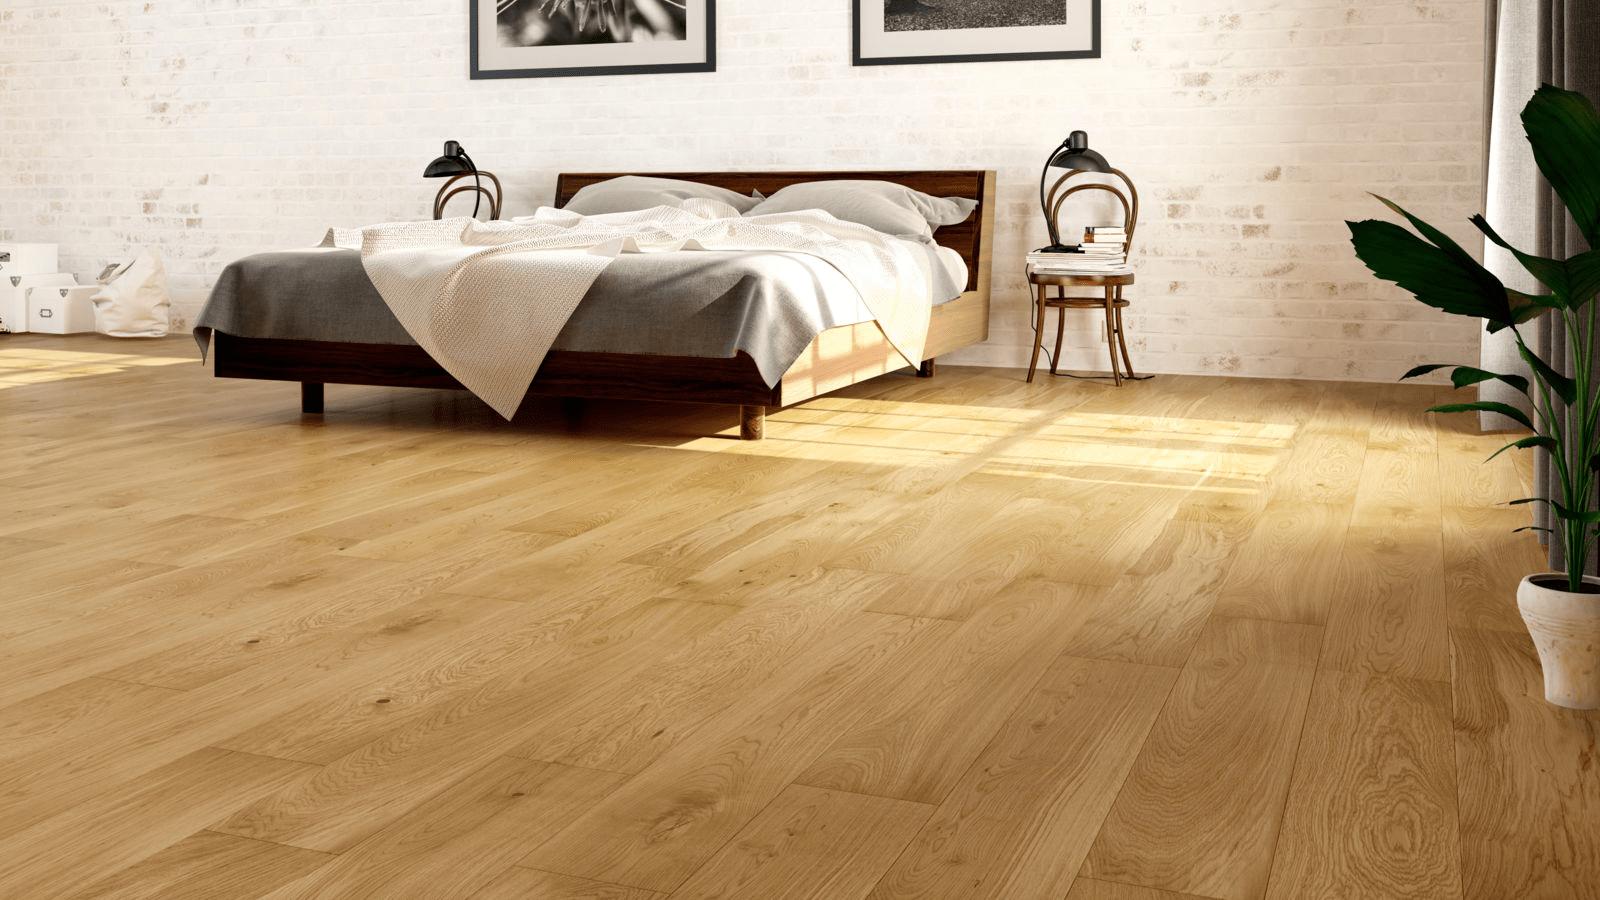 Tuổi thọ của sàn gỗ kỹ thuật rất cao